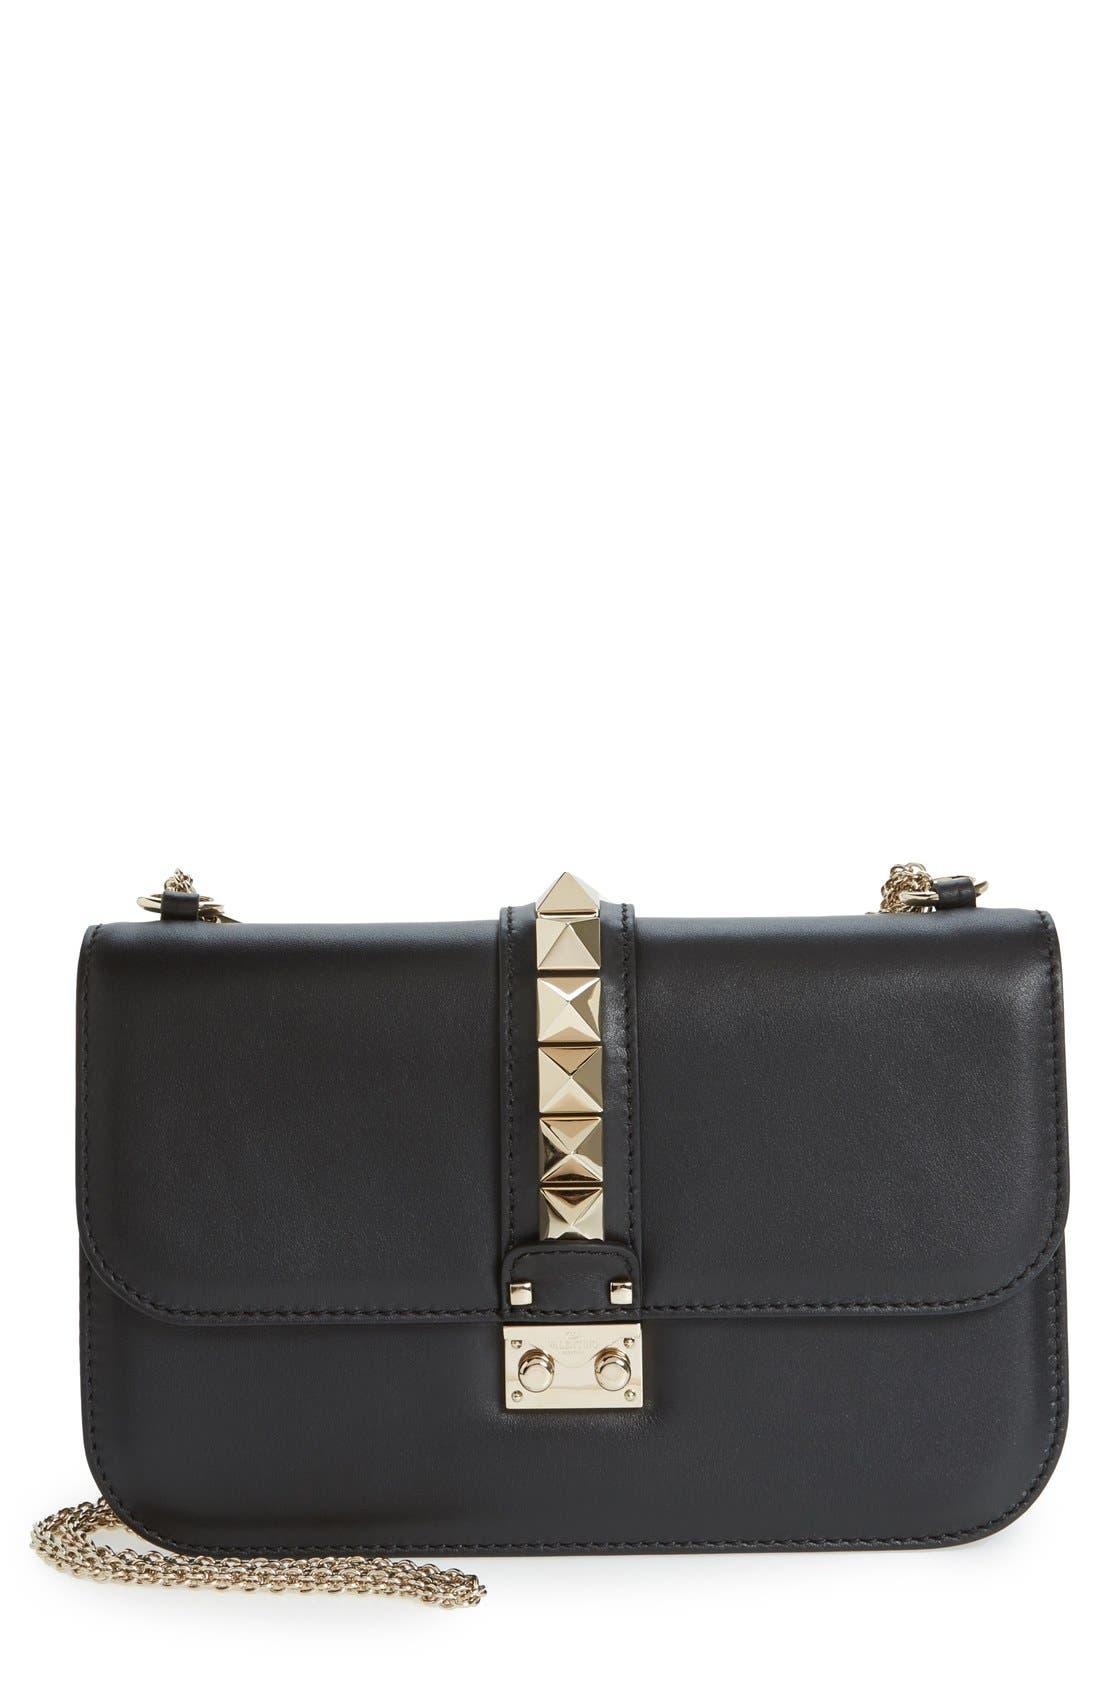 Alternate Image 1 Selected - Valentino 'Medium Lock' Studded Leather Shoulder Bag